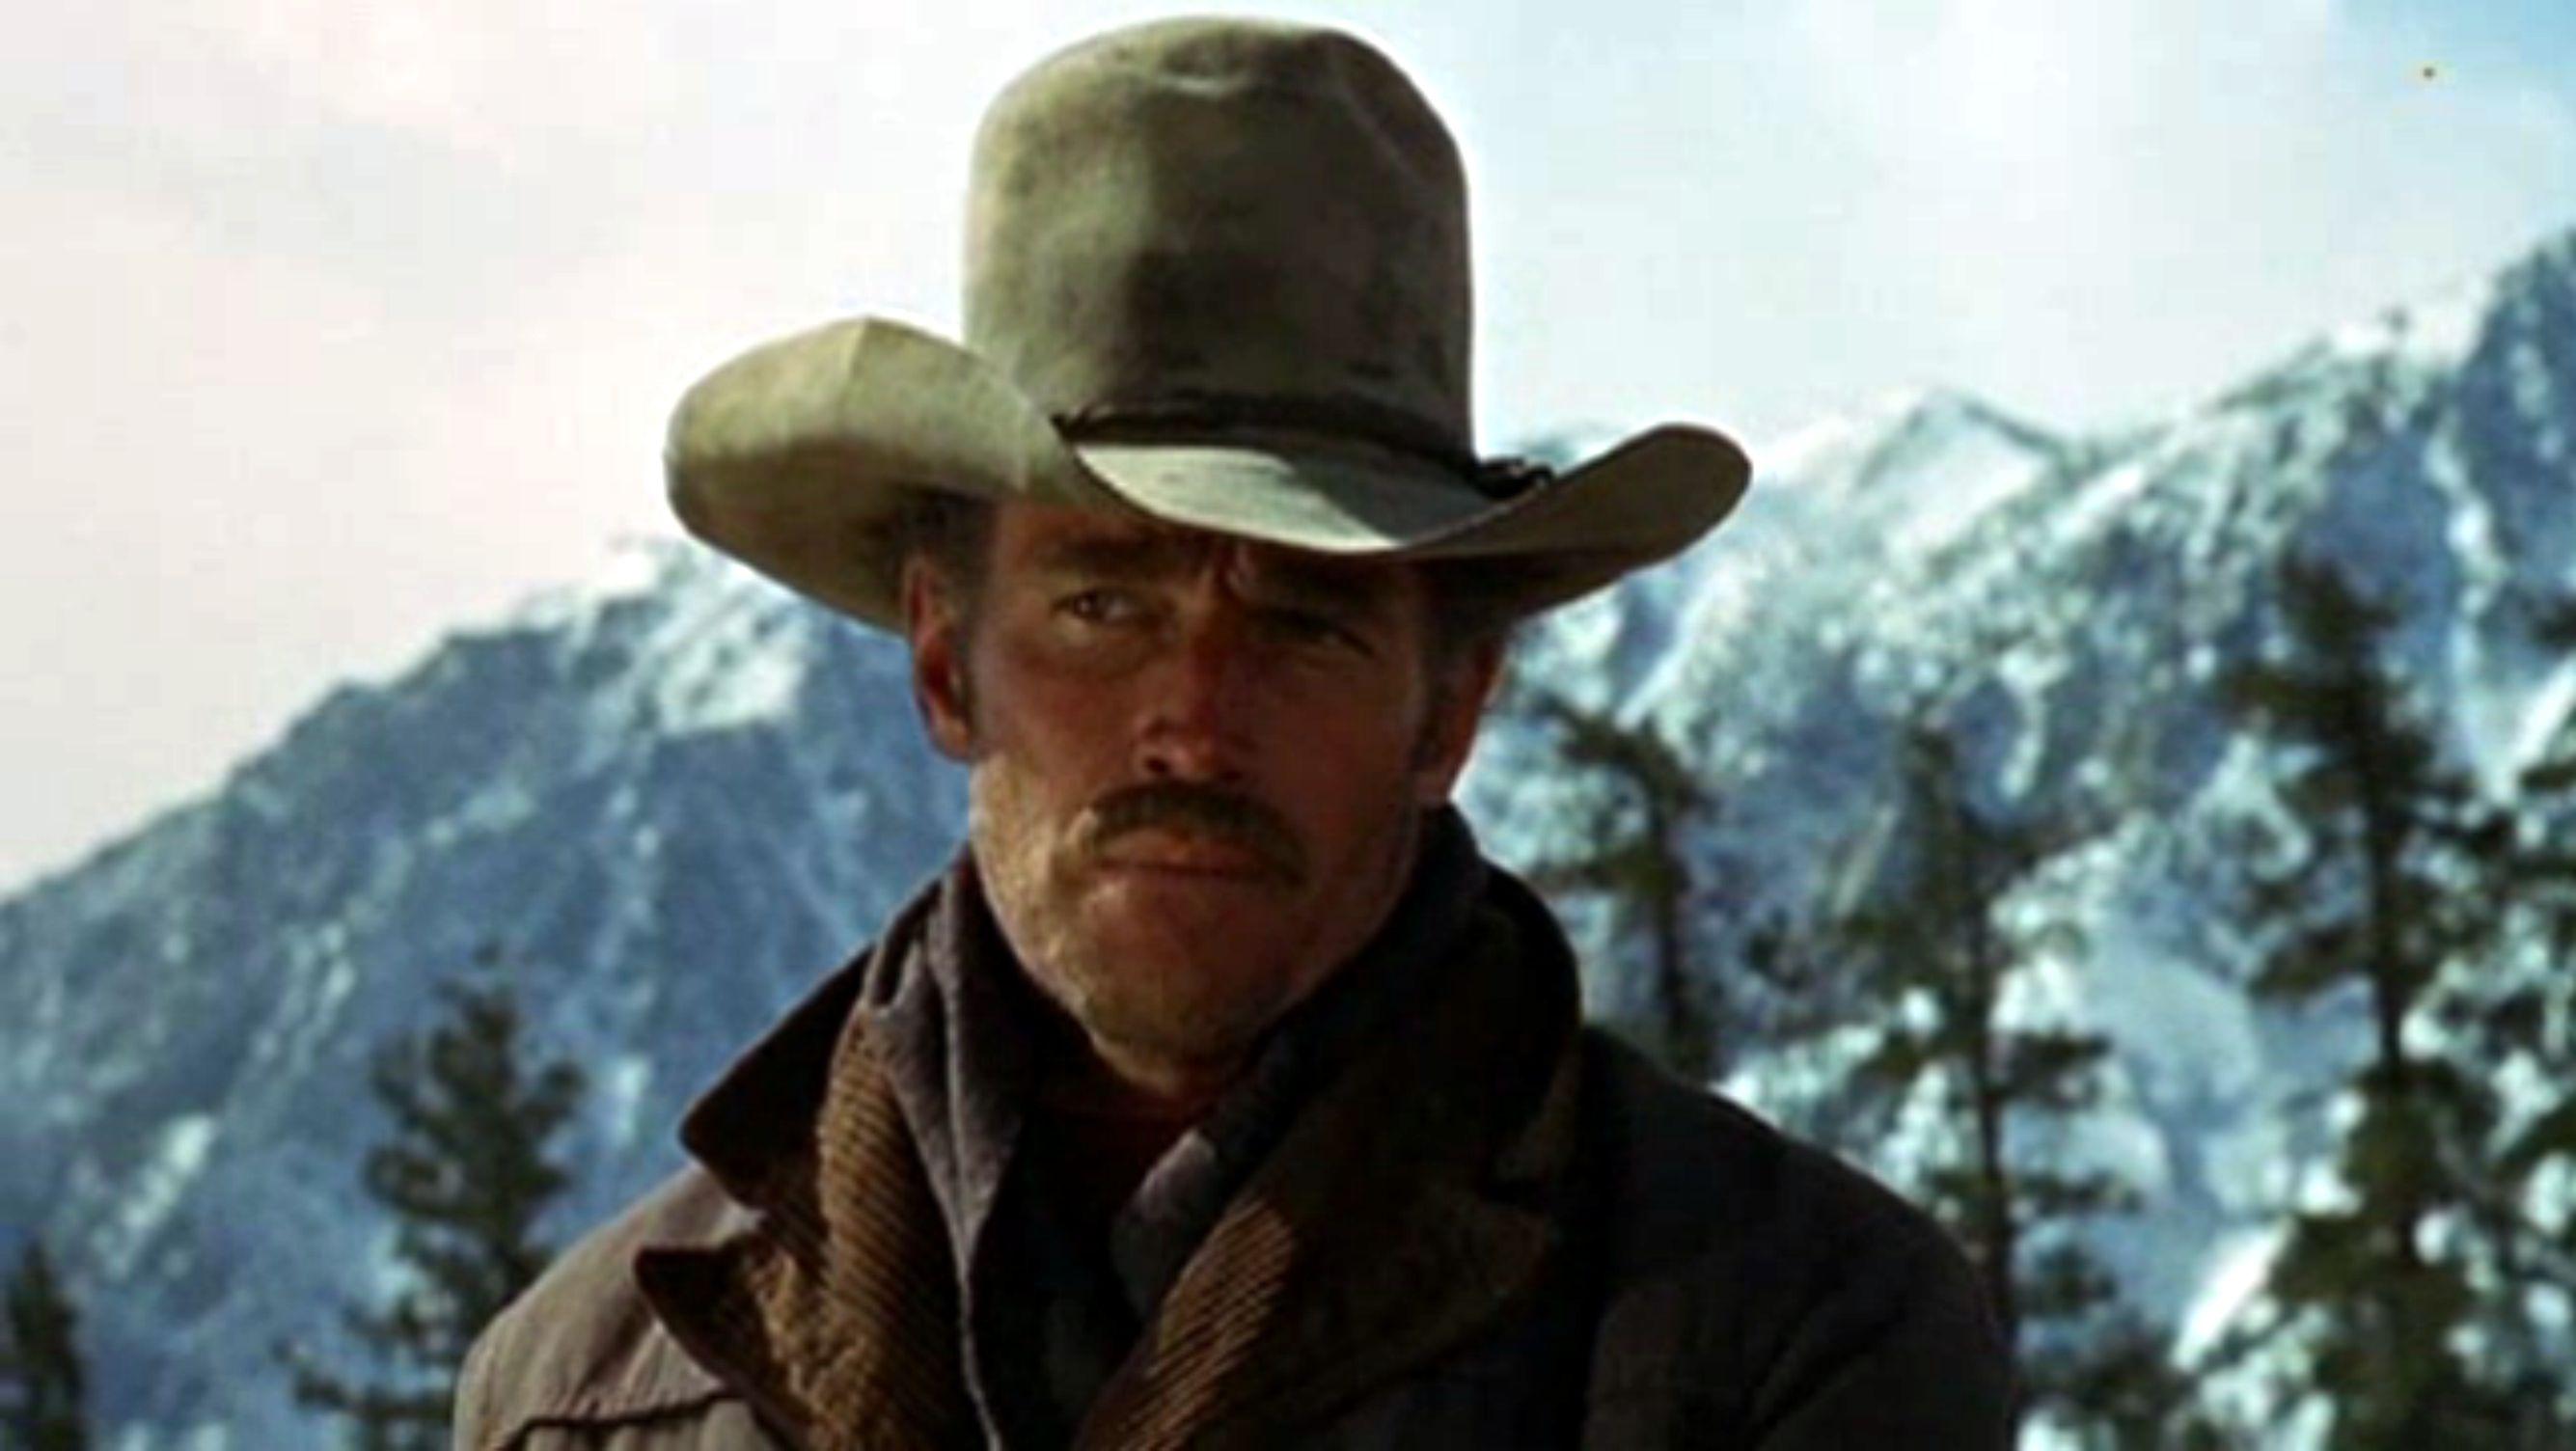 Charlton Heston Widescreen for desktop